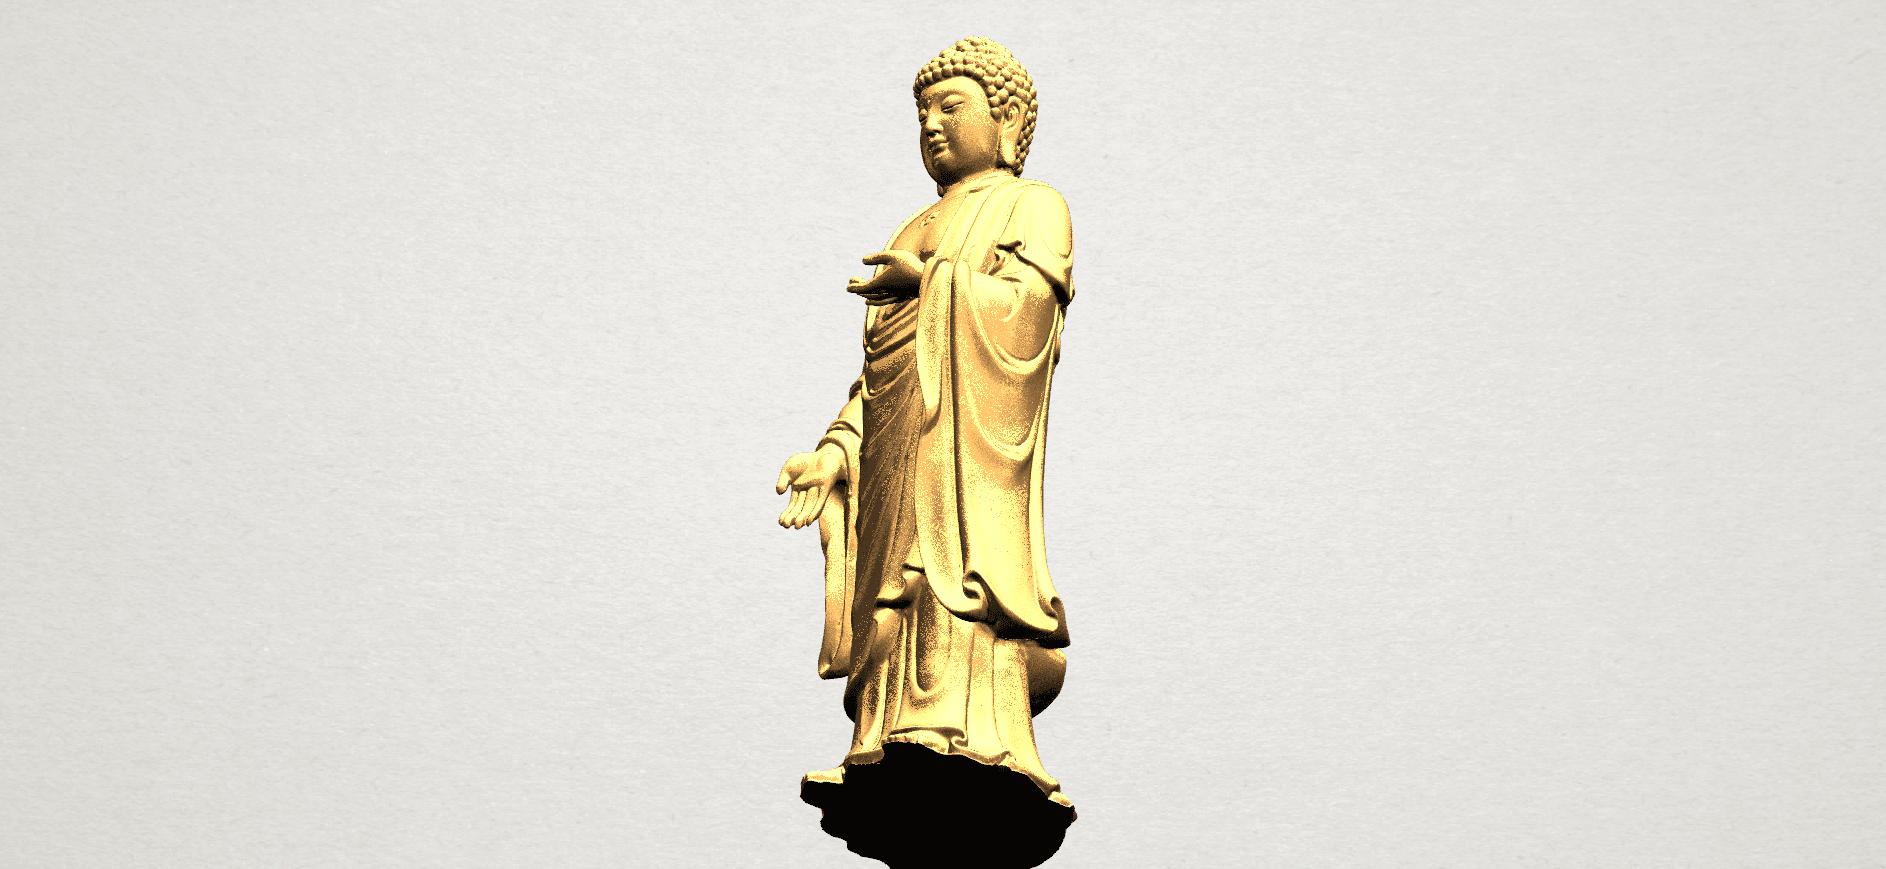 Gautama Buddha (stand)-80mm-B08.png Télécharger fichier STL gratuit Gautama Bouddha - Debout 01 • Plan pour impression 3D, GeorgesNikkei